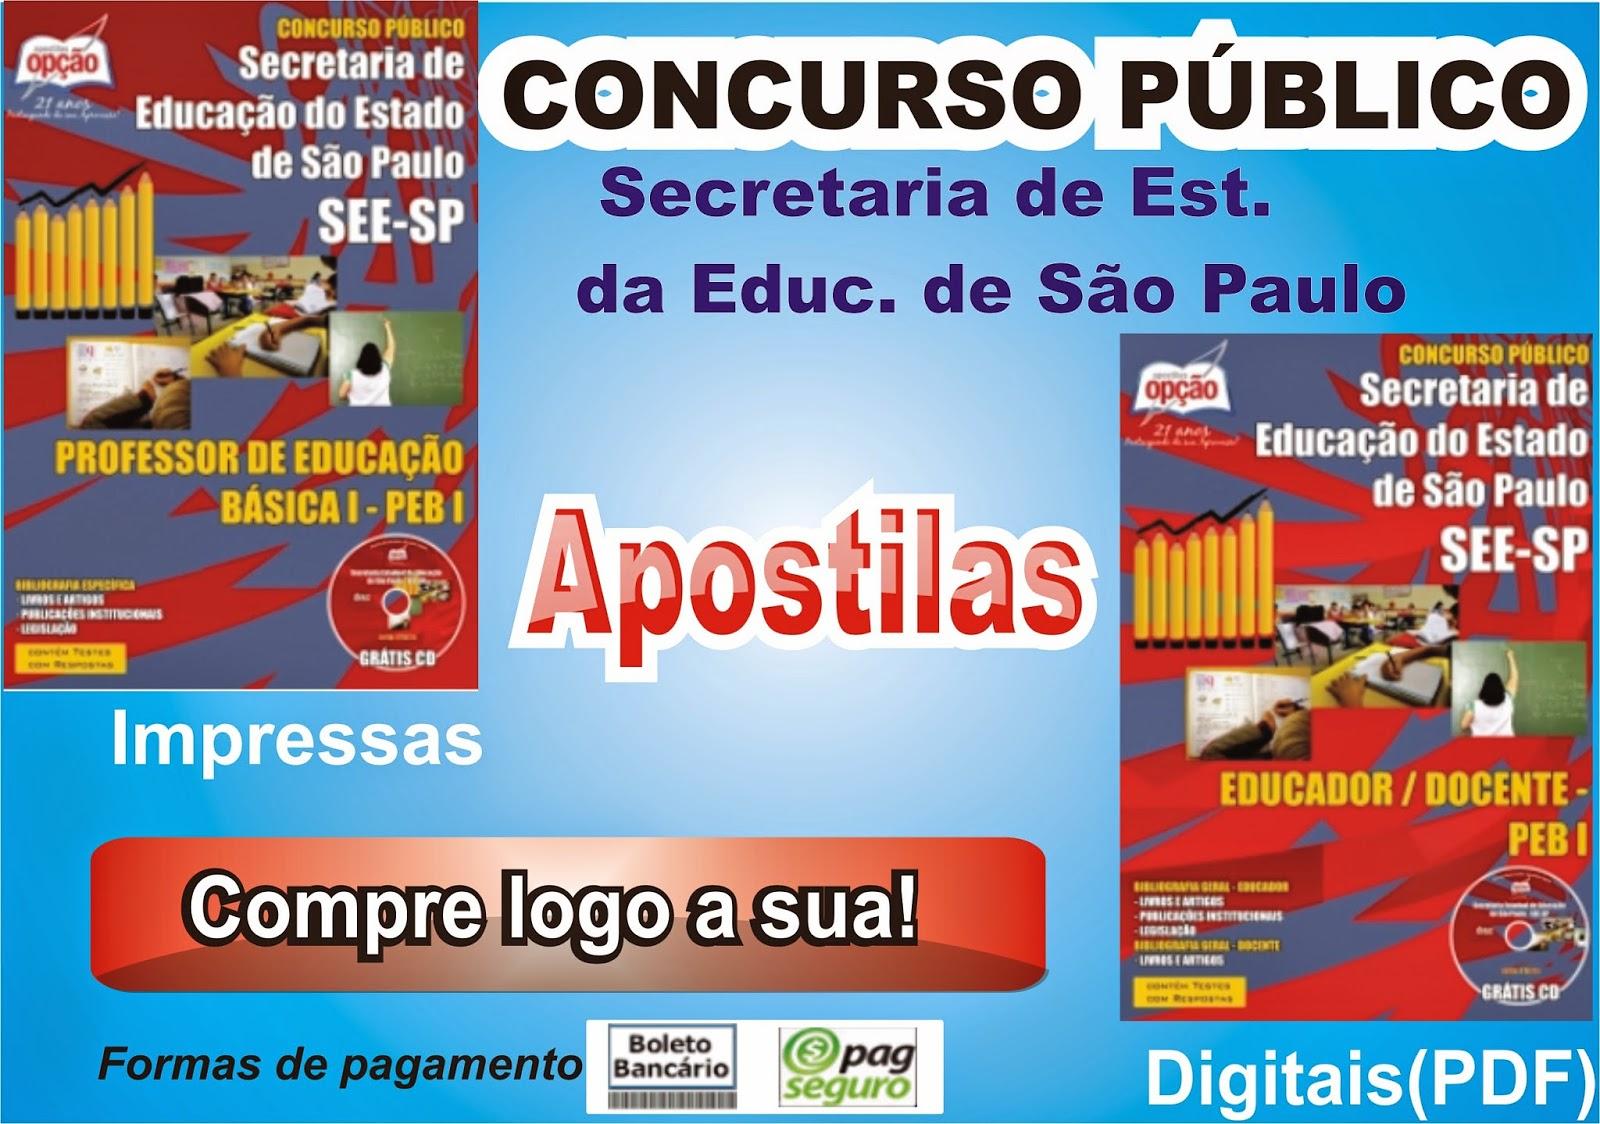 http://www.apostilasopcao.com.br/apostilas/1011/1782/instituto-federal-do-parana-ifpr/assistente-de-administracao.php?afiliado=2561